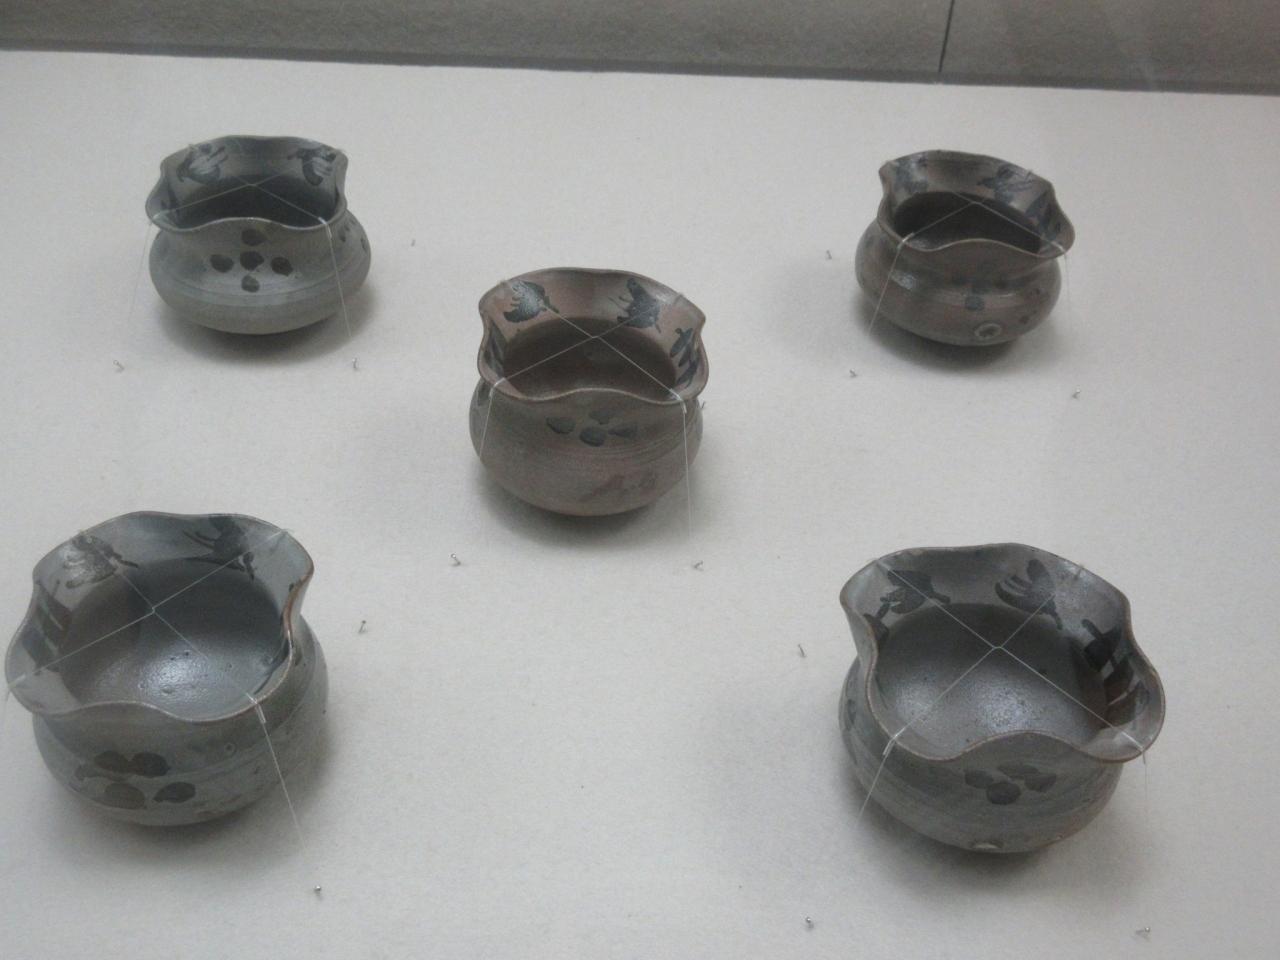 『九州の古陶磁器』2016